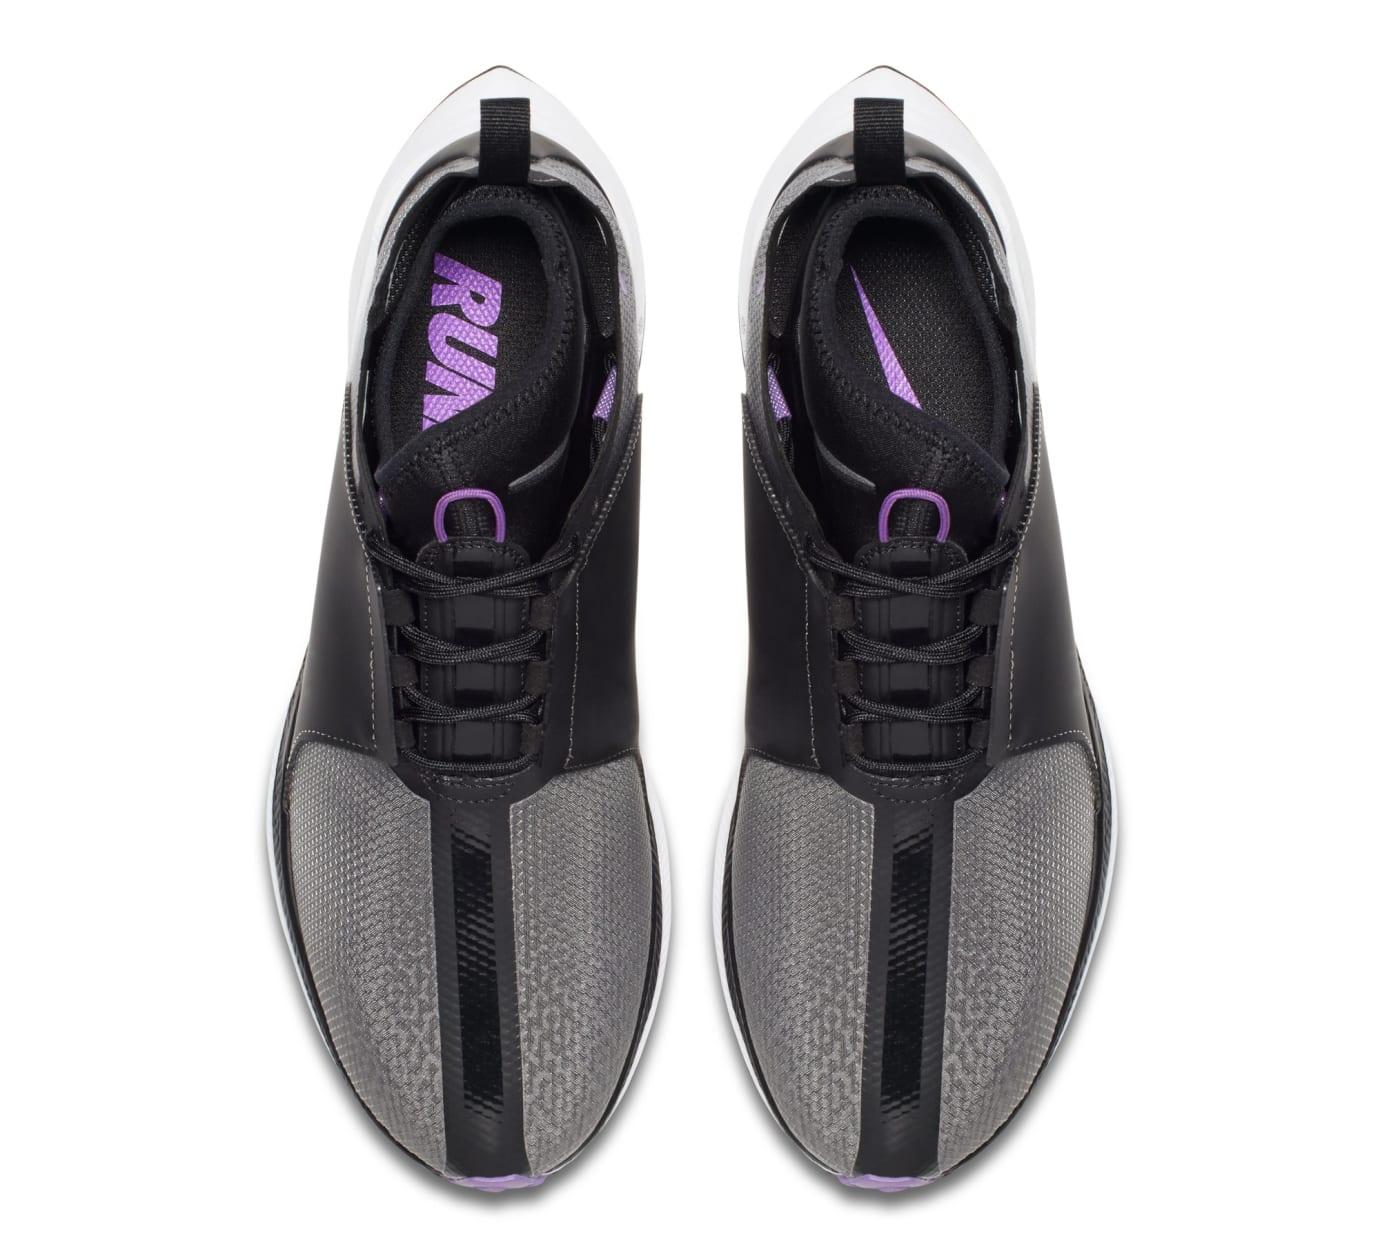 Nike Zoom Pegasus Turbo XX 'Black/Bright Violet' WMNS AR4347-001 (Top)